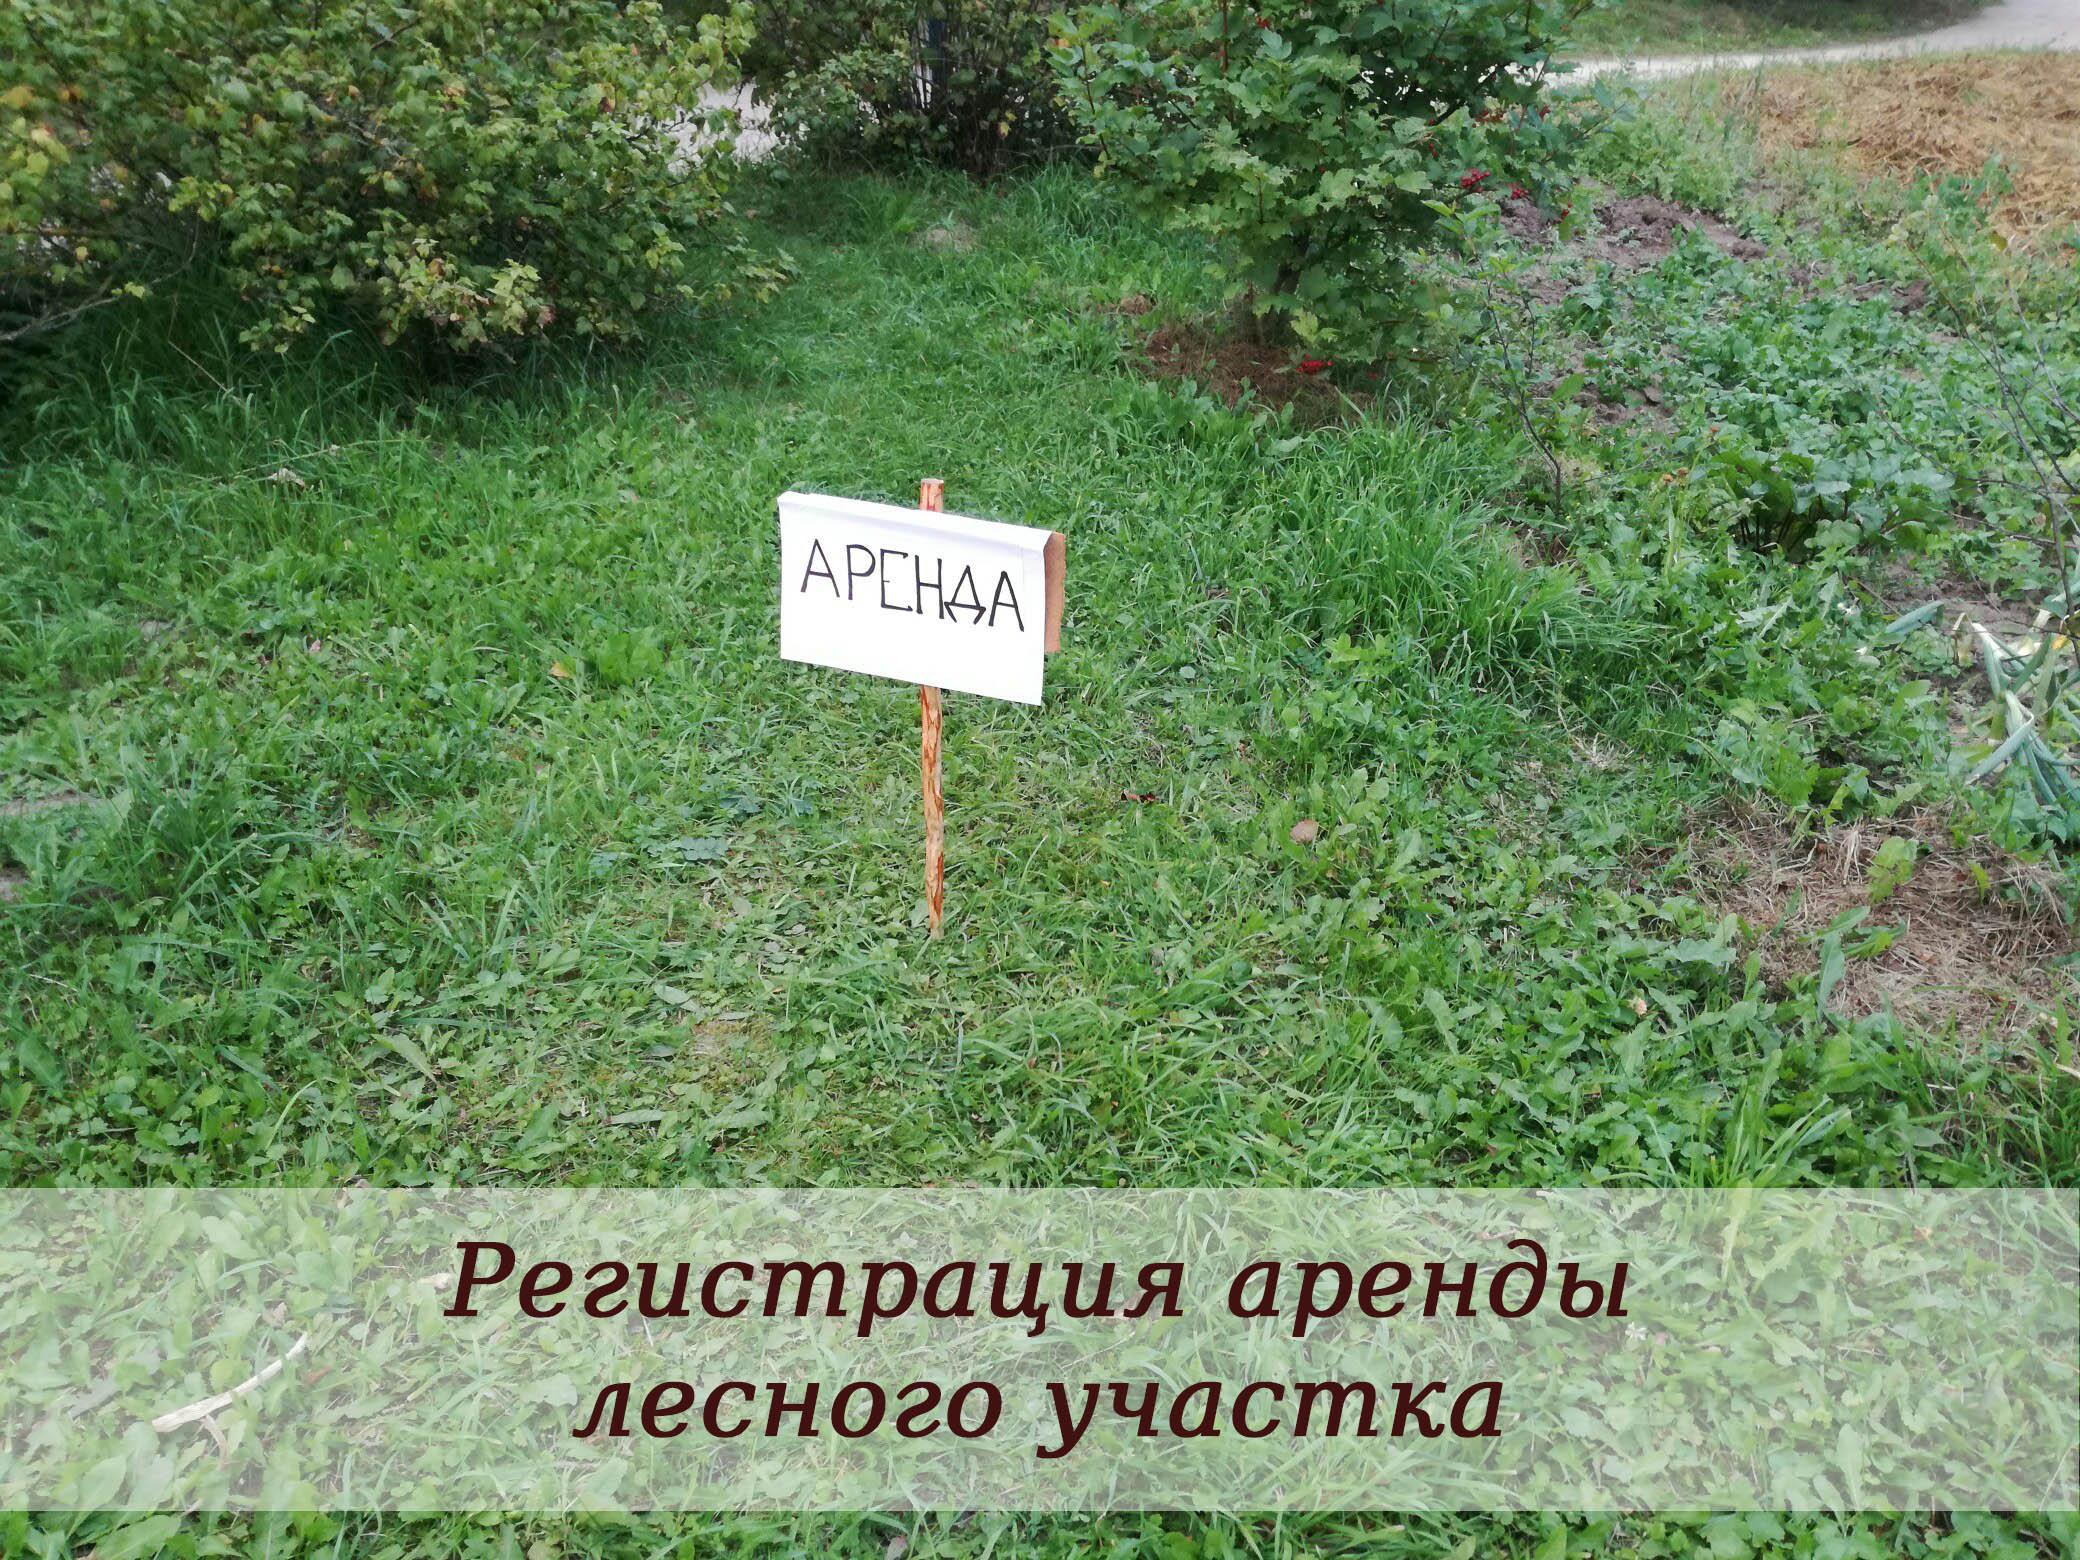 Регистрация аренды лесного участка